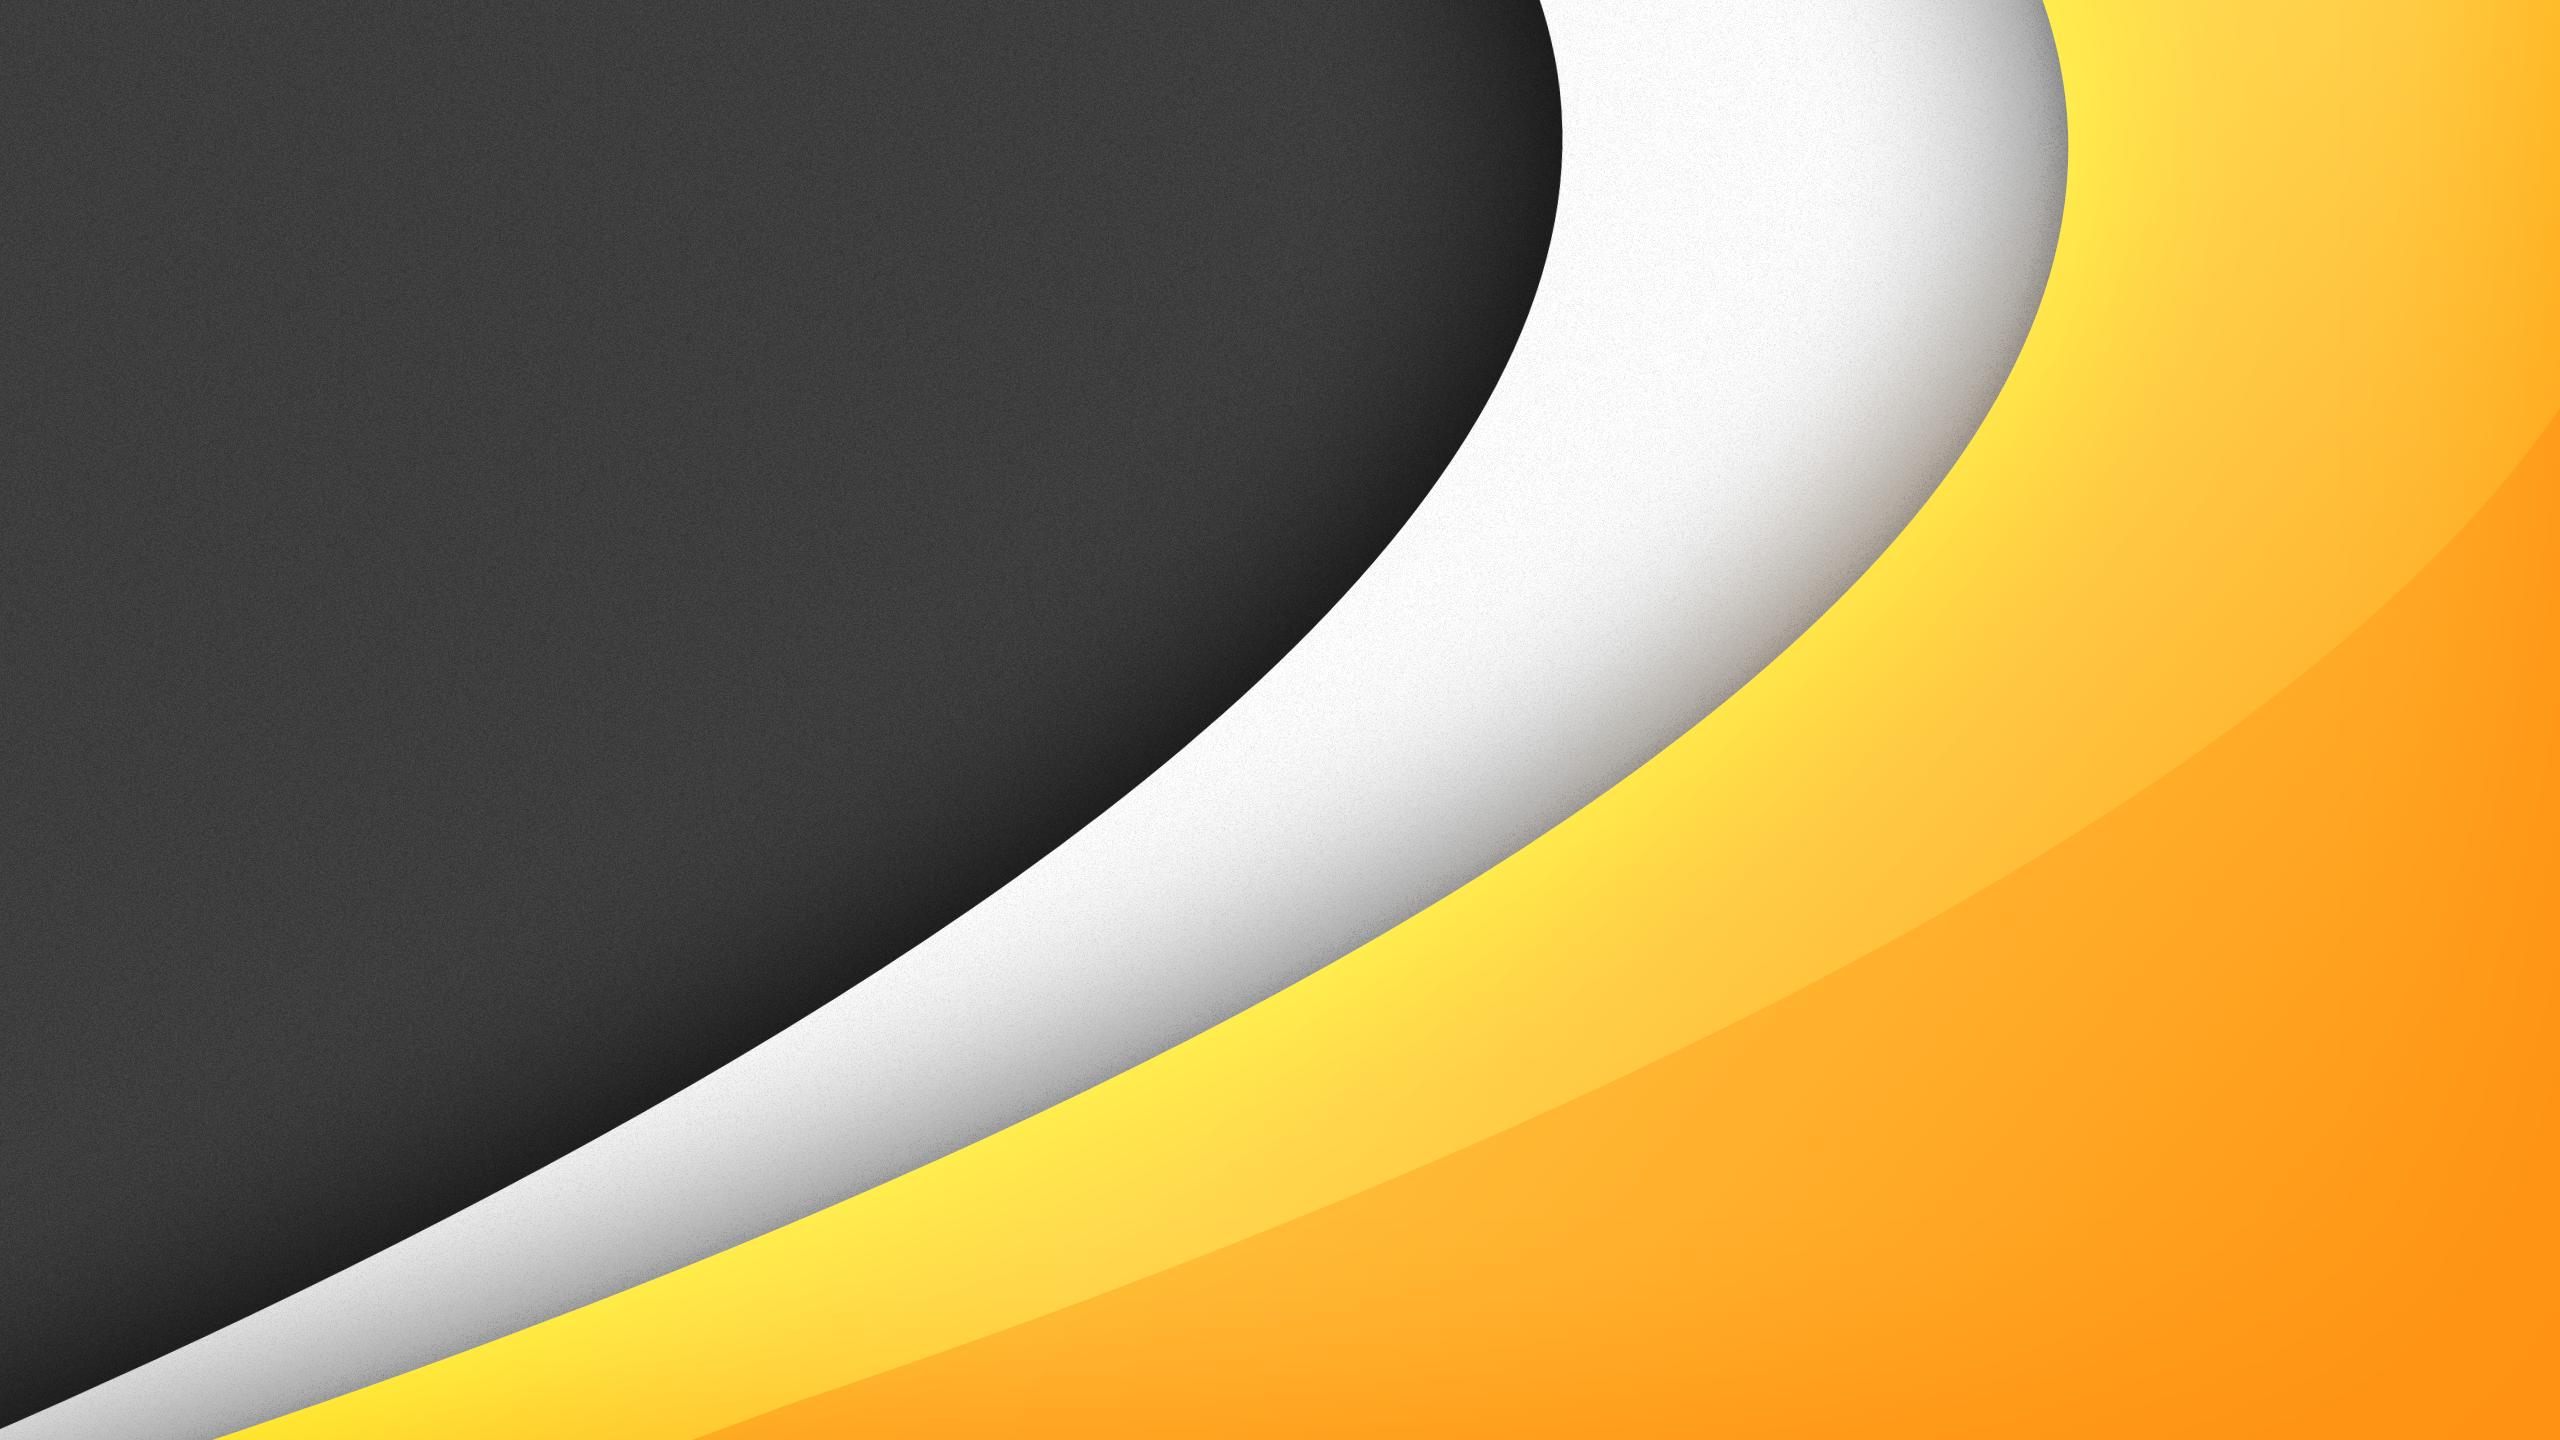 Orange White Grey Wallpaper 2560x1440 By Qorthas On Deviantart